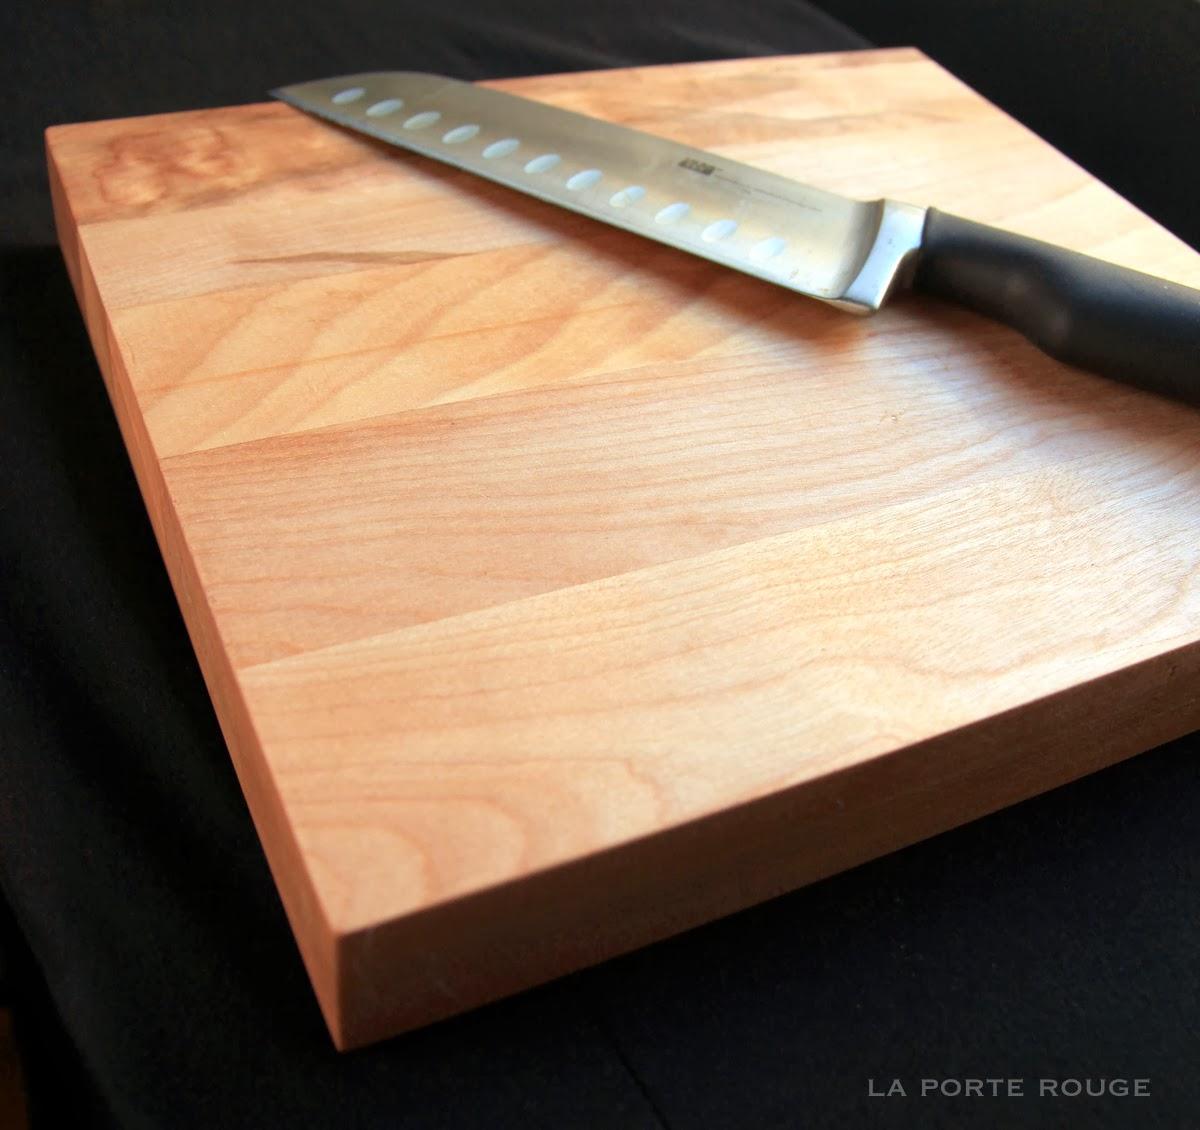 La porte rouge id e cadeau une planche d couper for Quelle planche a decouper choisir